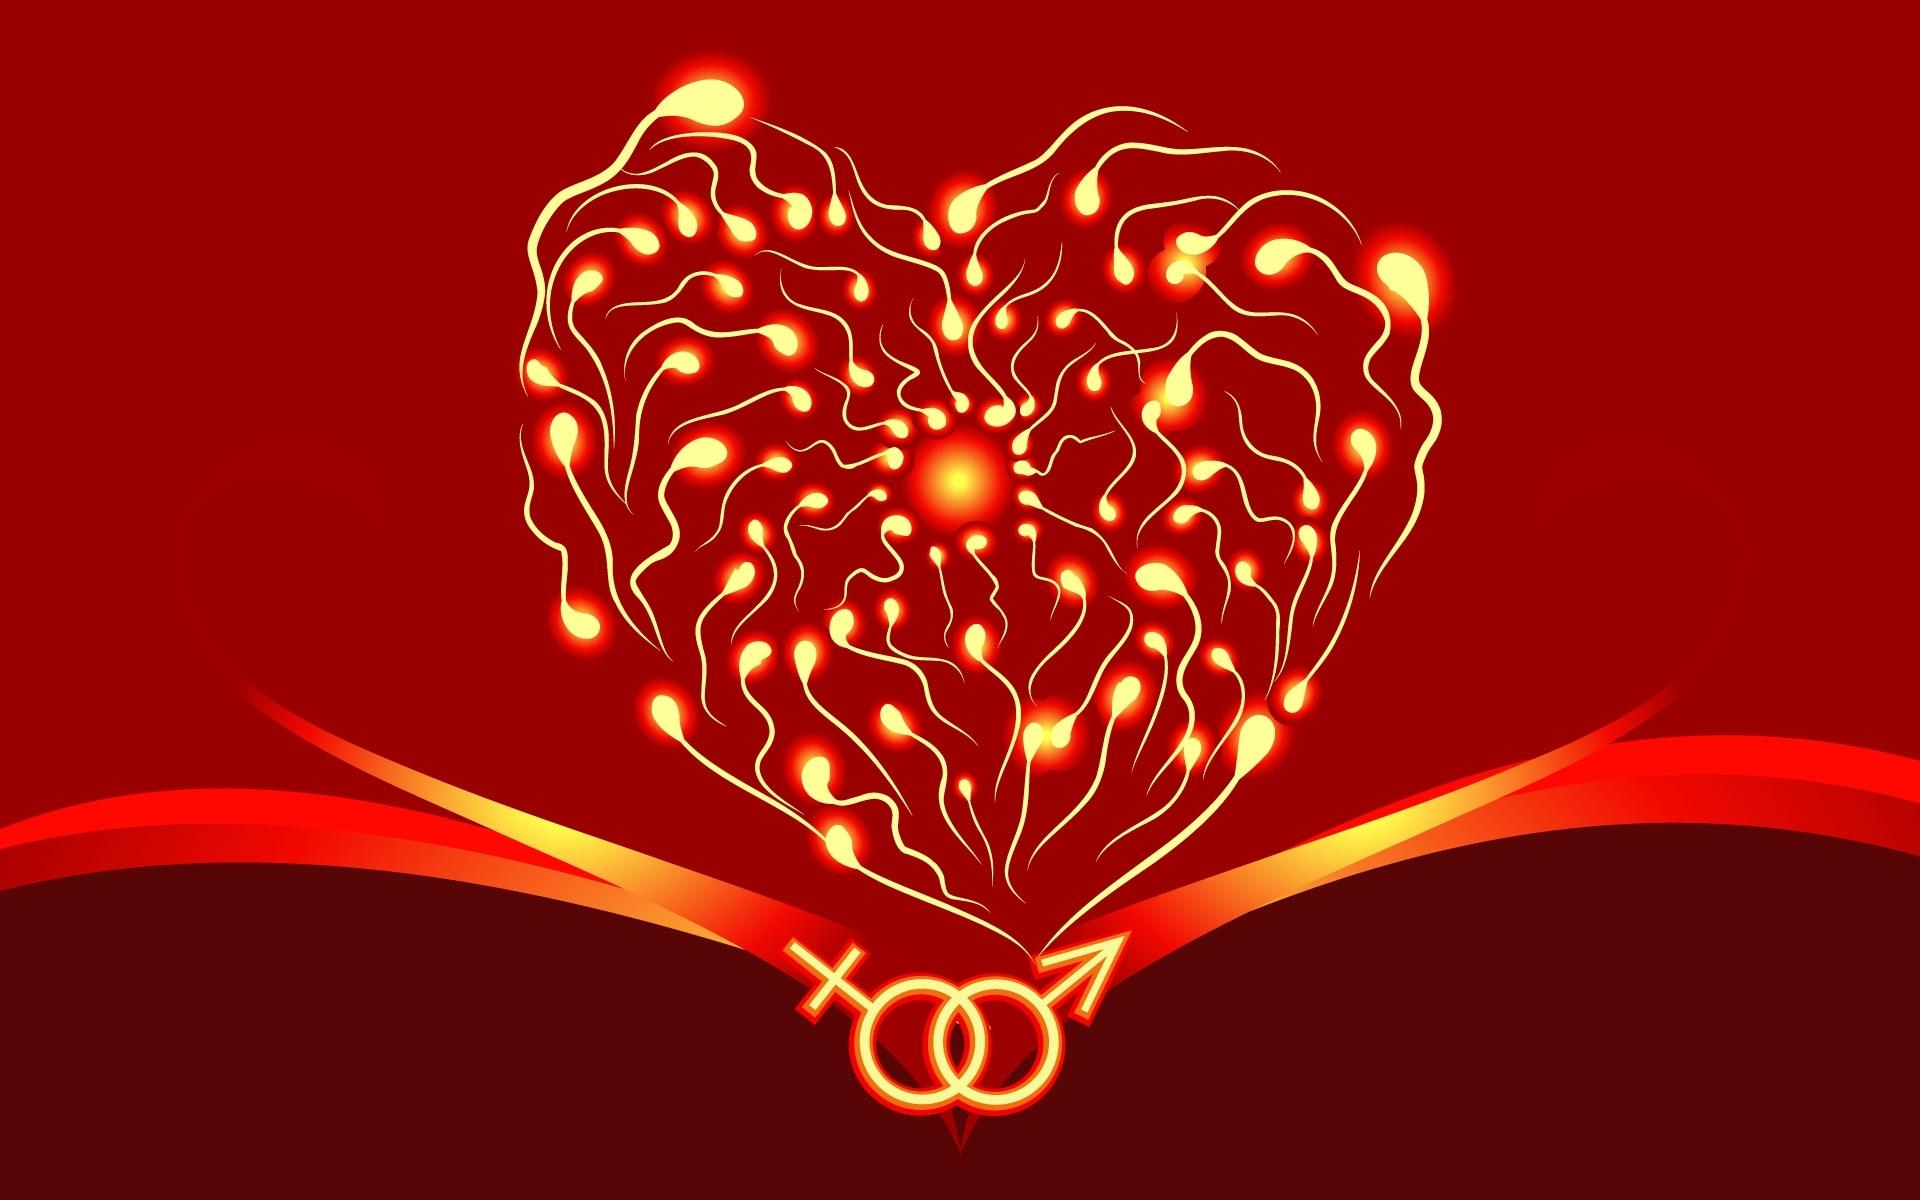 3028 papel de parede 320x480 em seu telefone gratuitamente, baixe imagens Corações, Amor, Dia Dos Namorados, Imagens 320x480 em seu celular